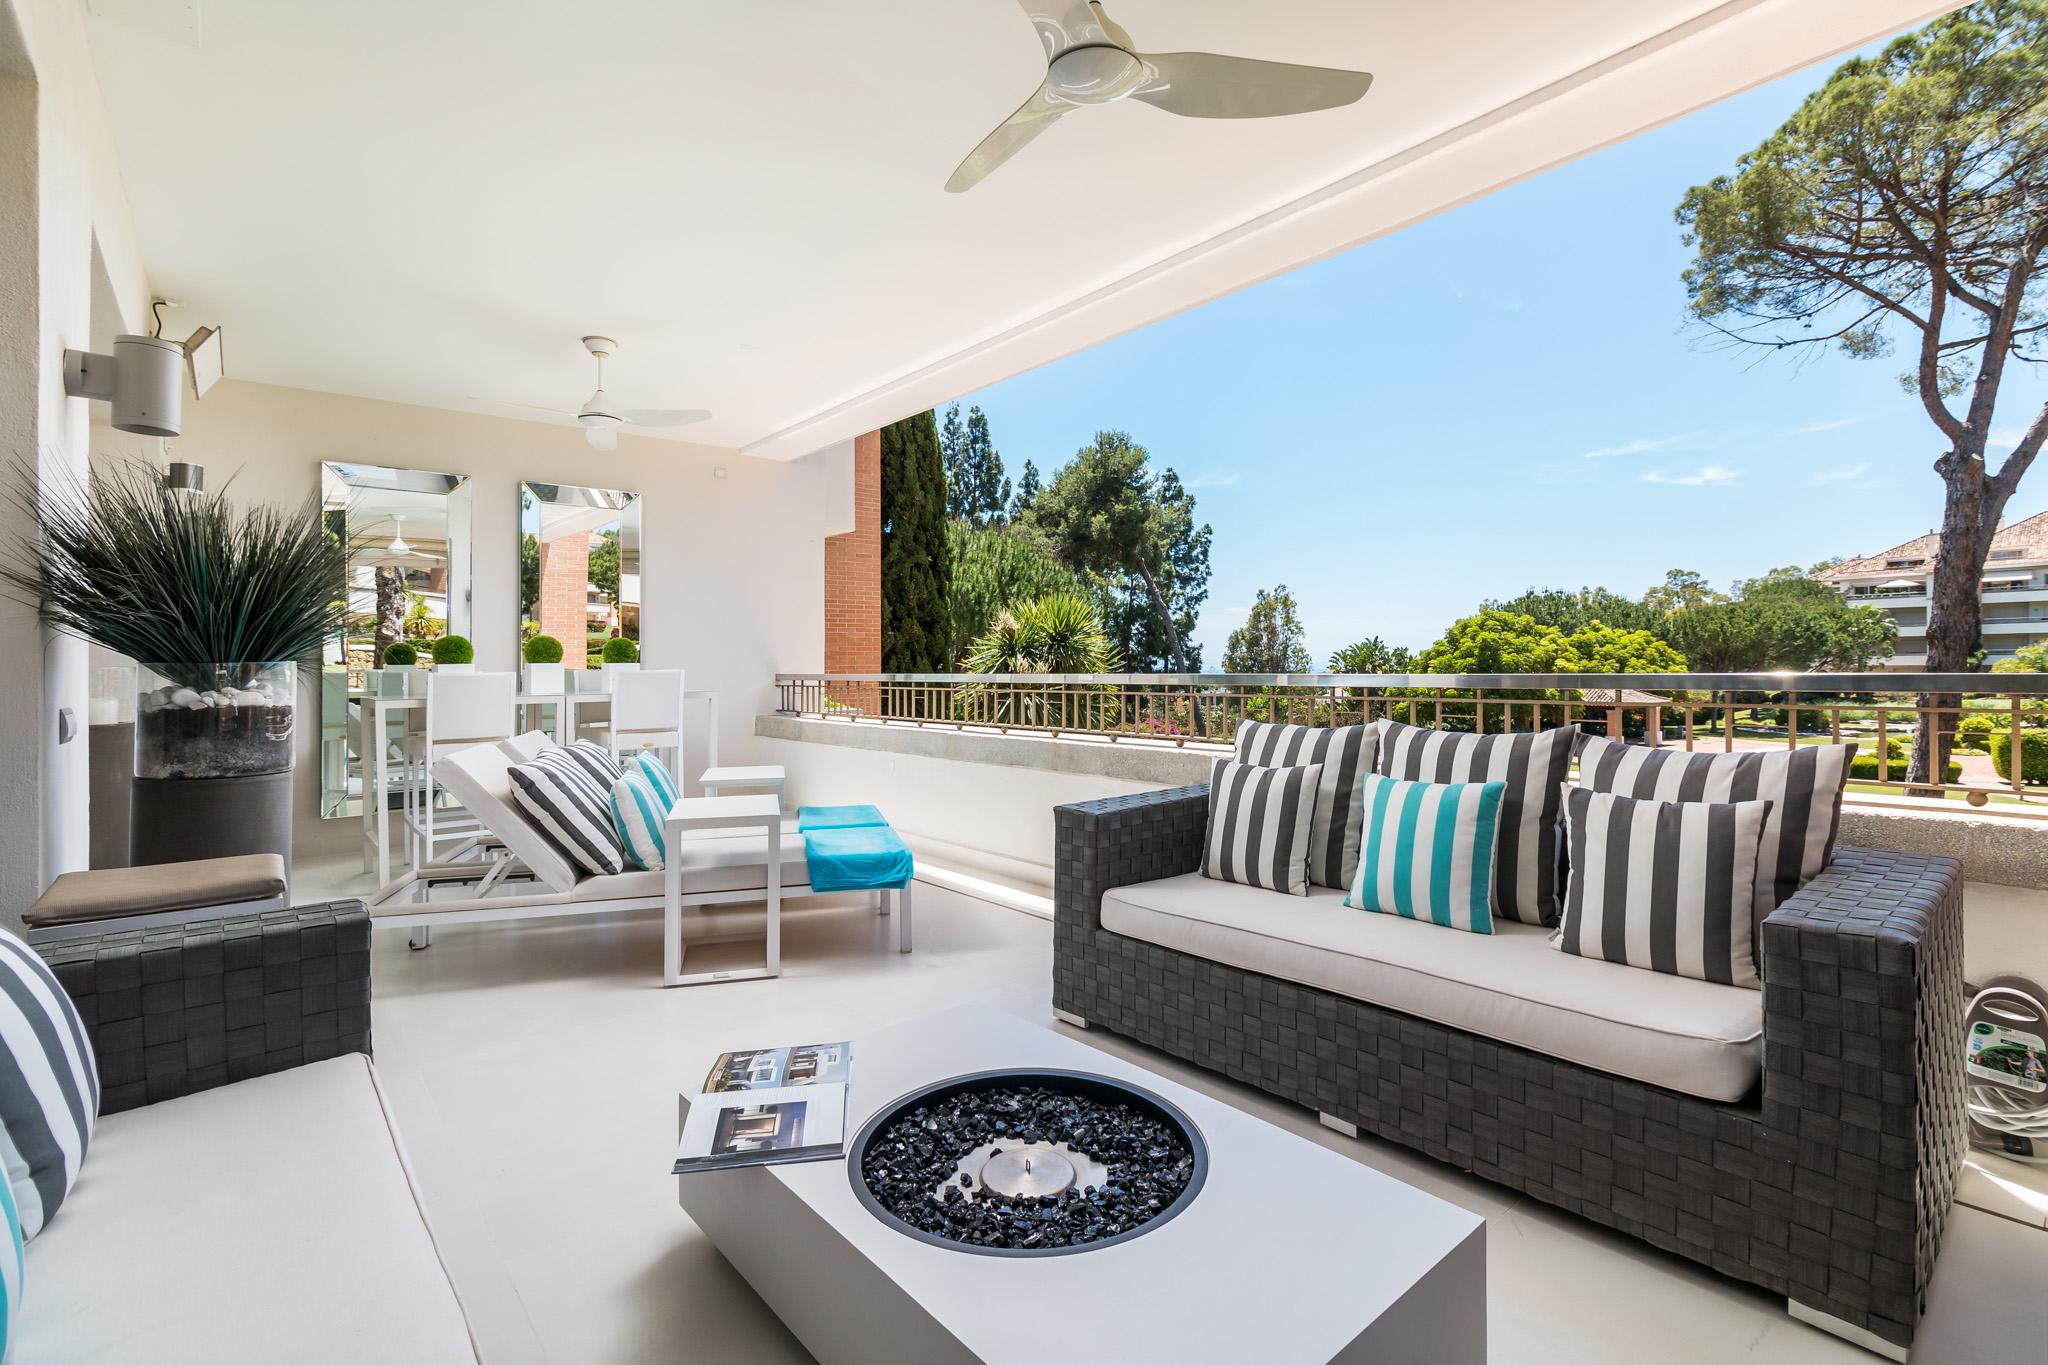 3 bedroom apartment in La Trinidad, Marbella Golden Mile